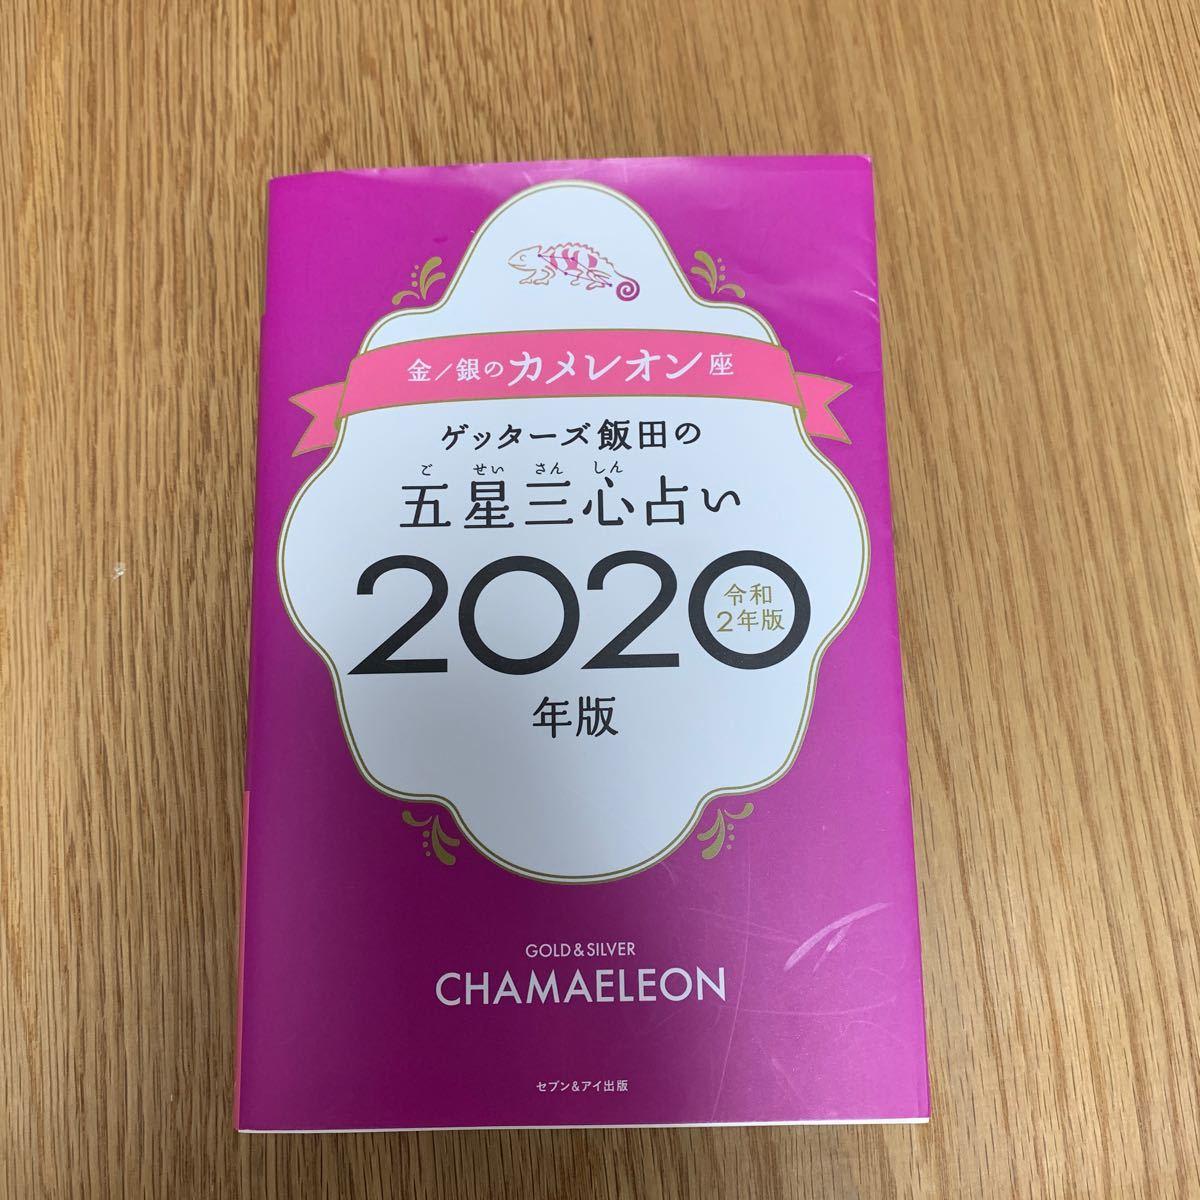 月 銀 2020 の カメレオン 3